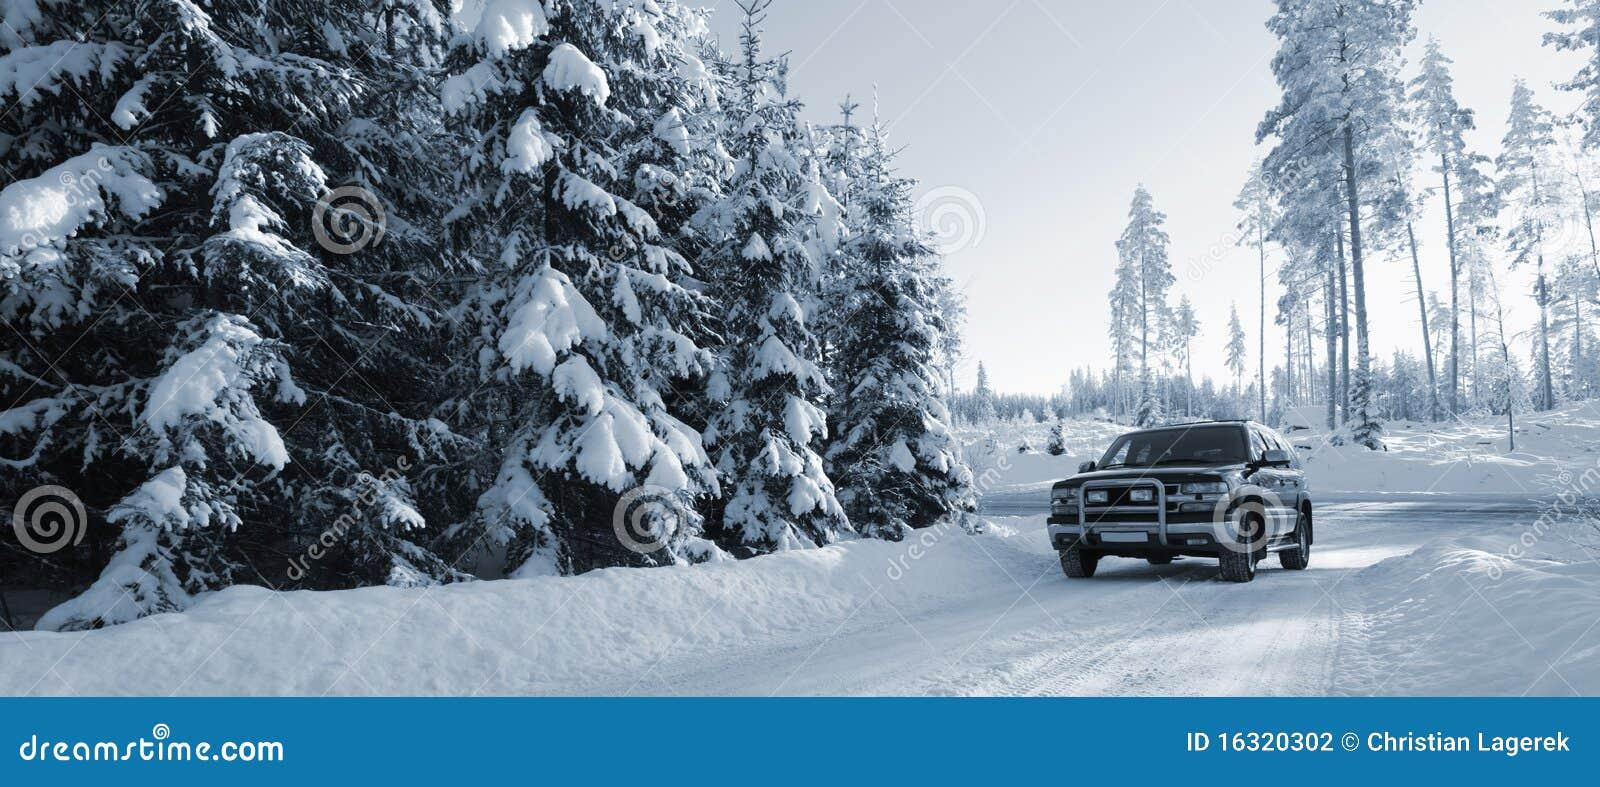 Suv, Auto auf schneebedeckten Straßen